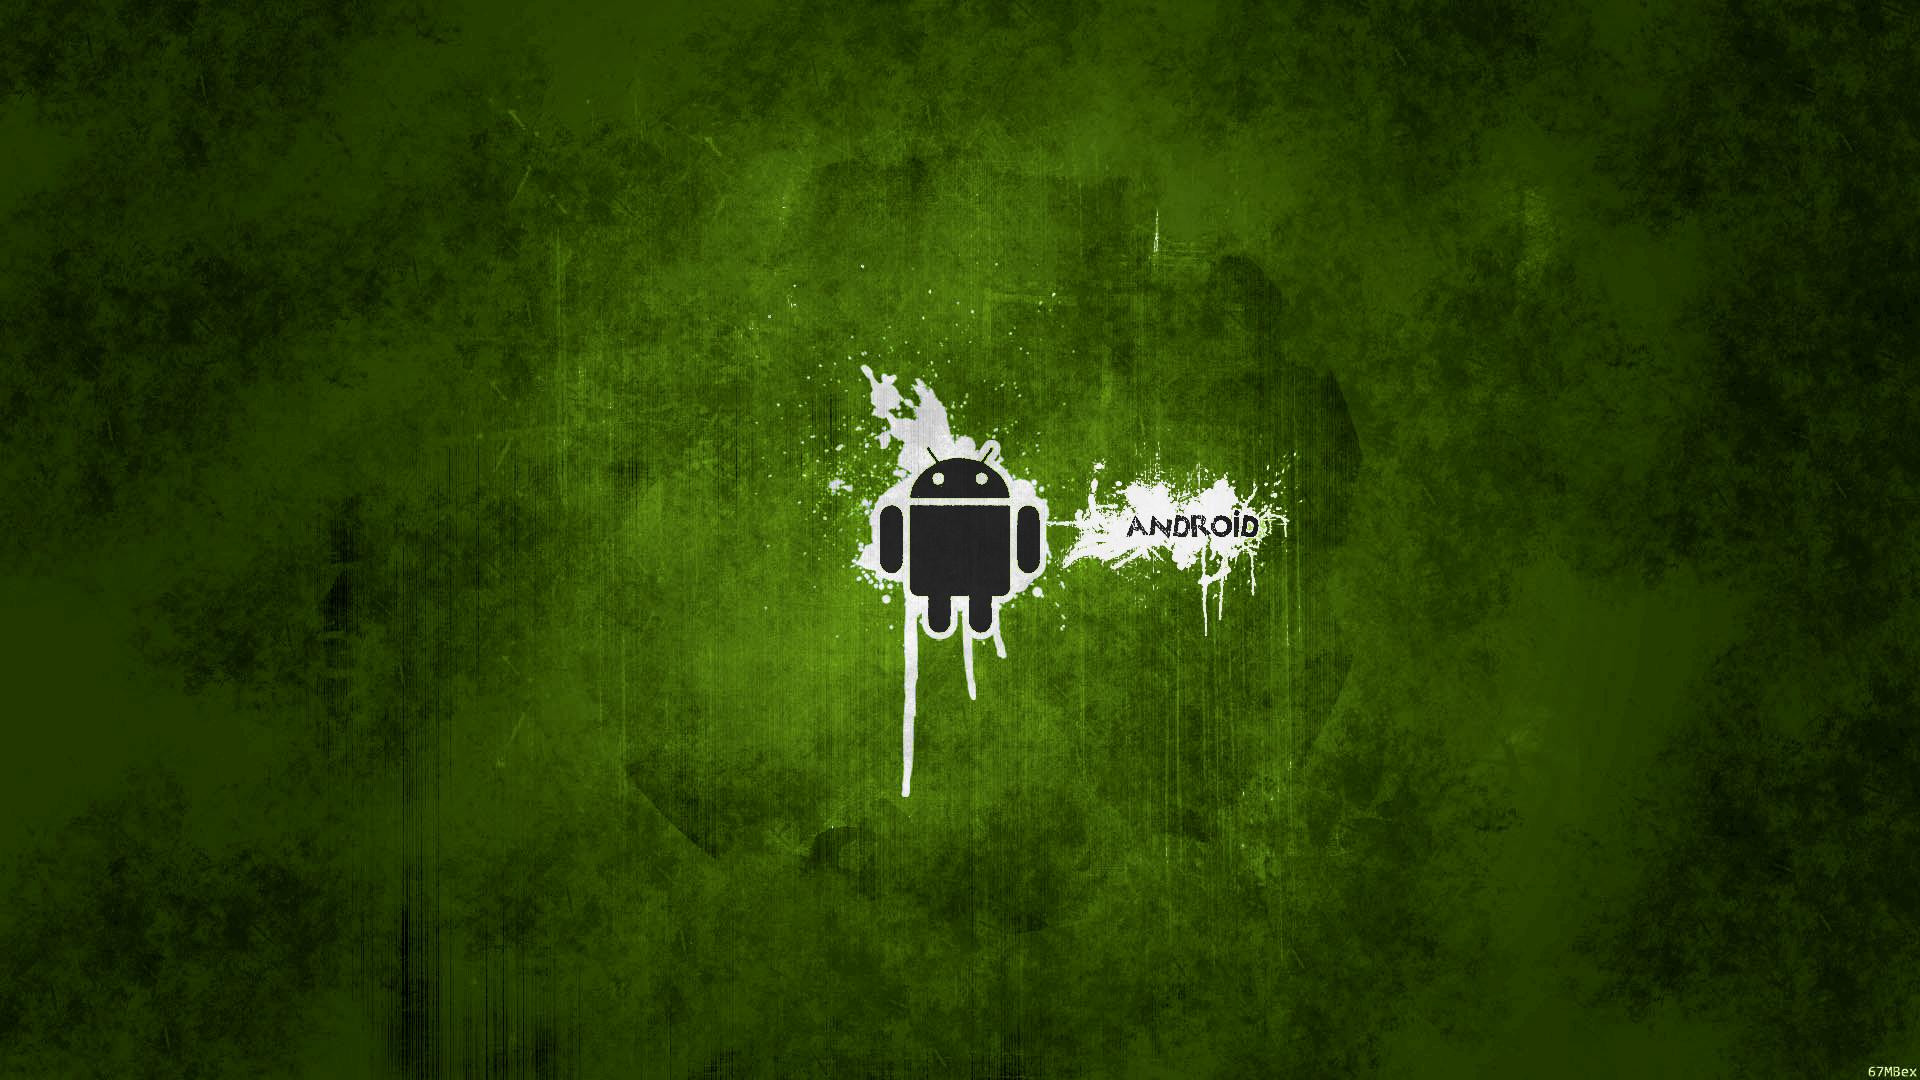 los mejores wallpaper android full hd hd espero le alla gustado tratare de actualizarlo mas seguido asi que si quieres nuevo me puedes seguir